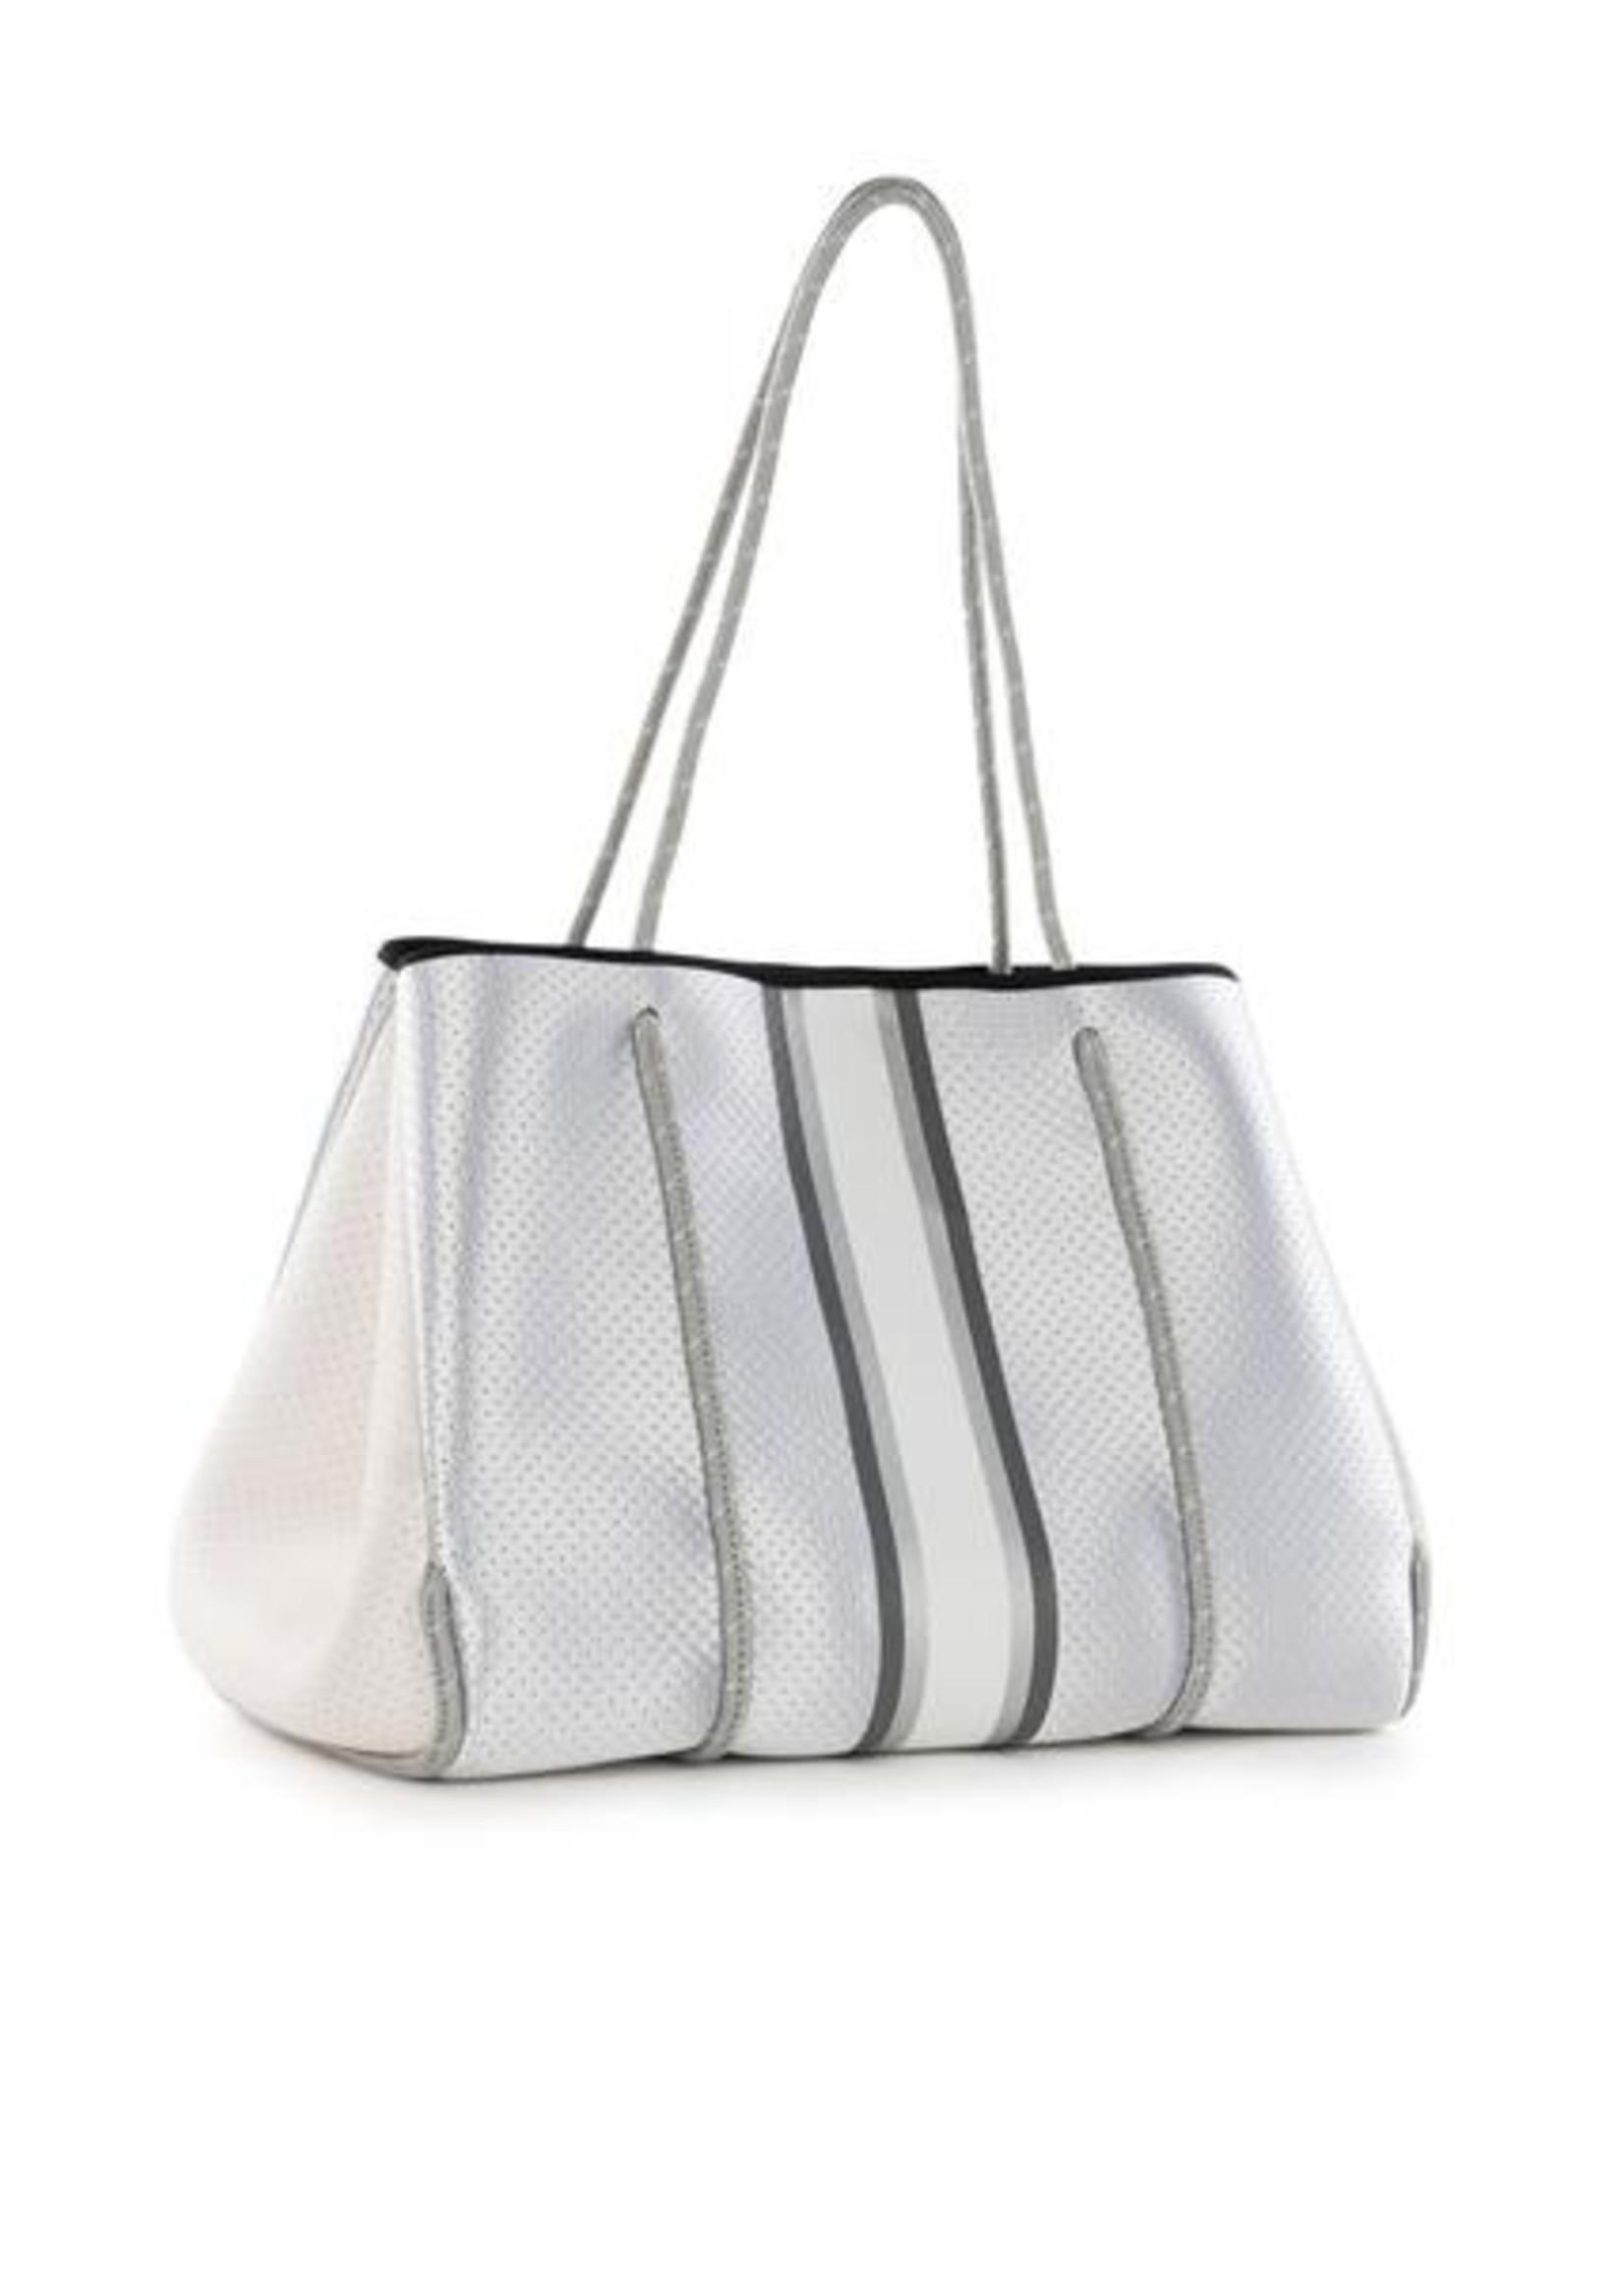 Greyson Ice tote bag